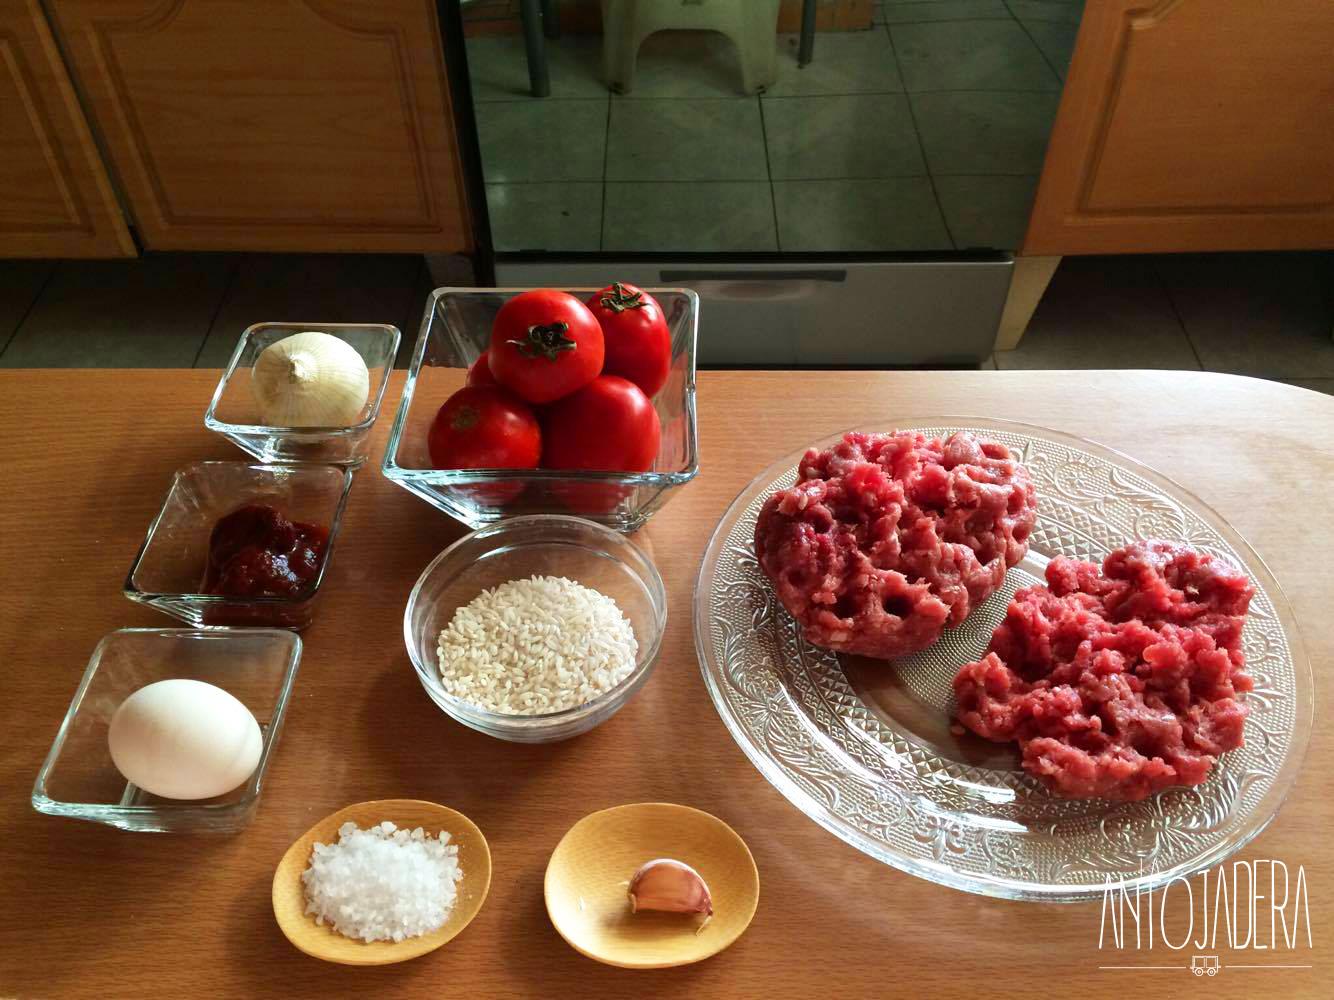 La Antojadera | Albóndigas de Res y Cerdo en Chipotle